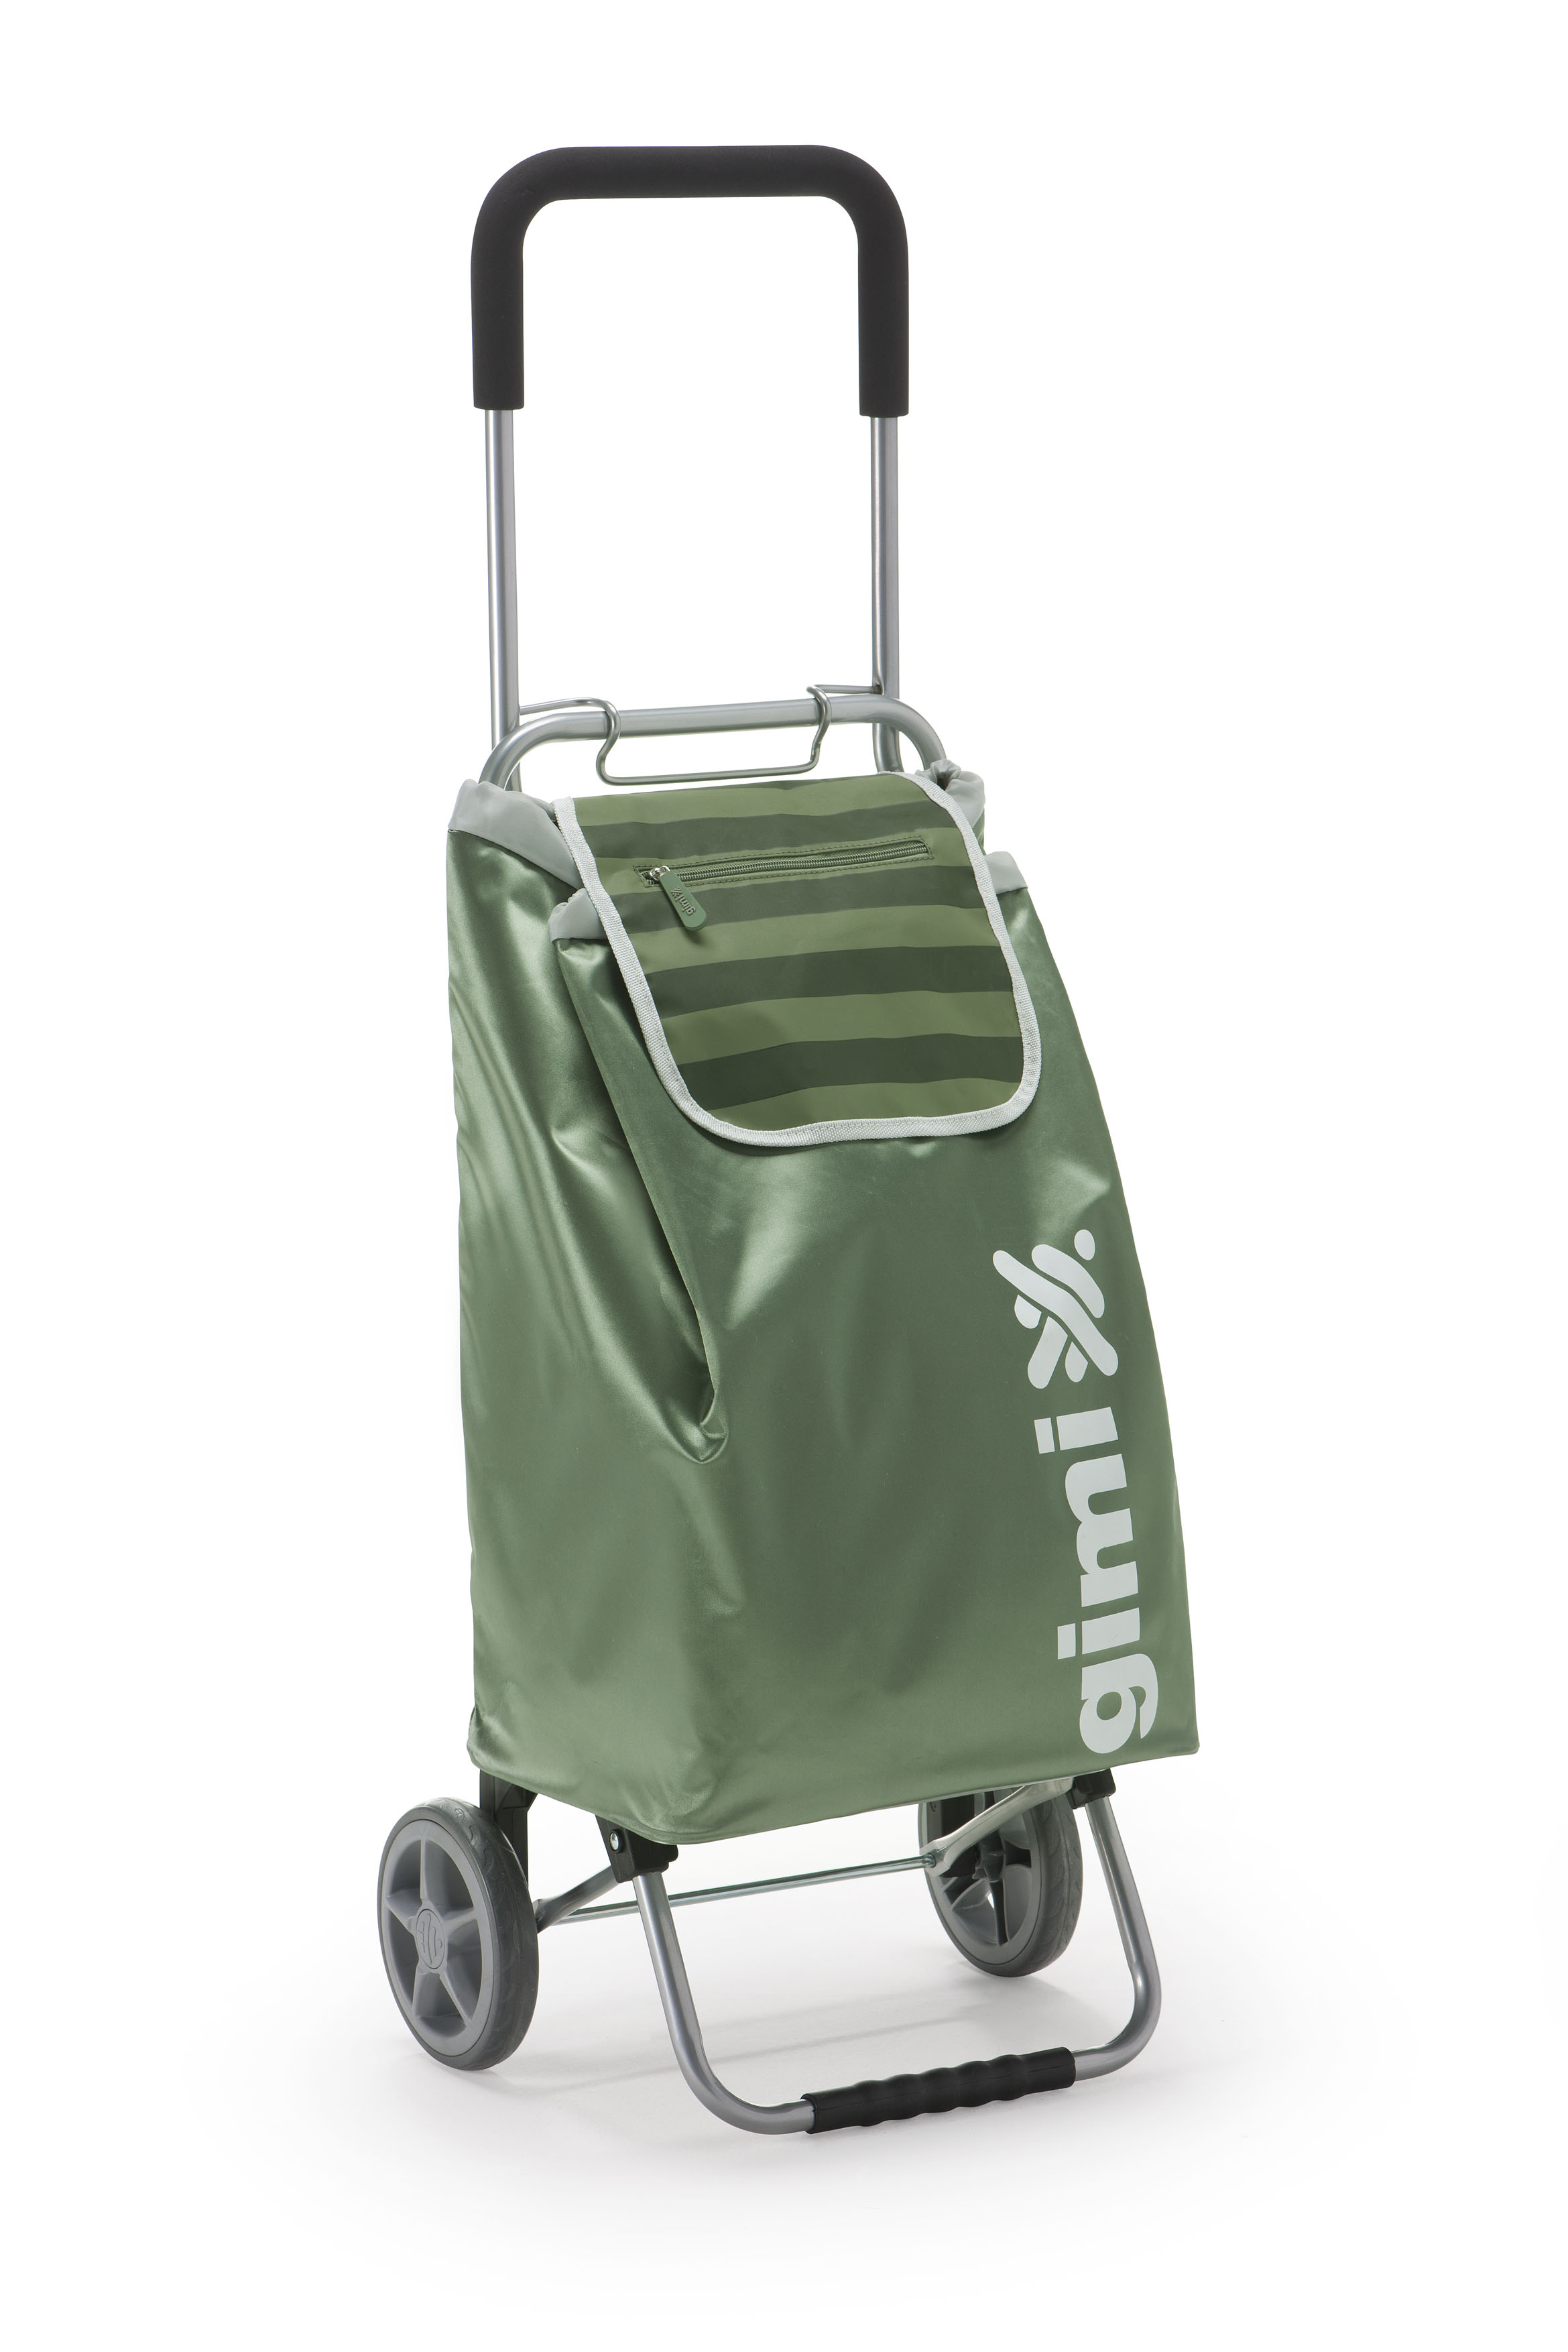 Хозяйственная сумка-тележка GIMI Flexi (зеленый) - купить в интернет магазине с доставкой, цены, описание...